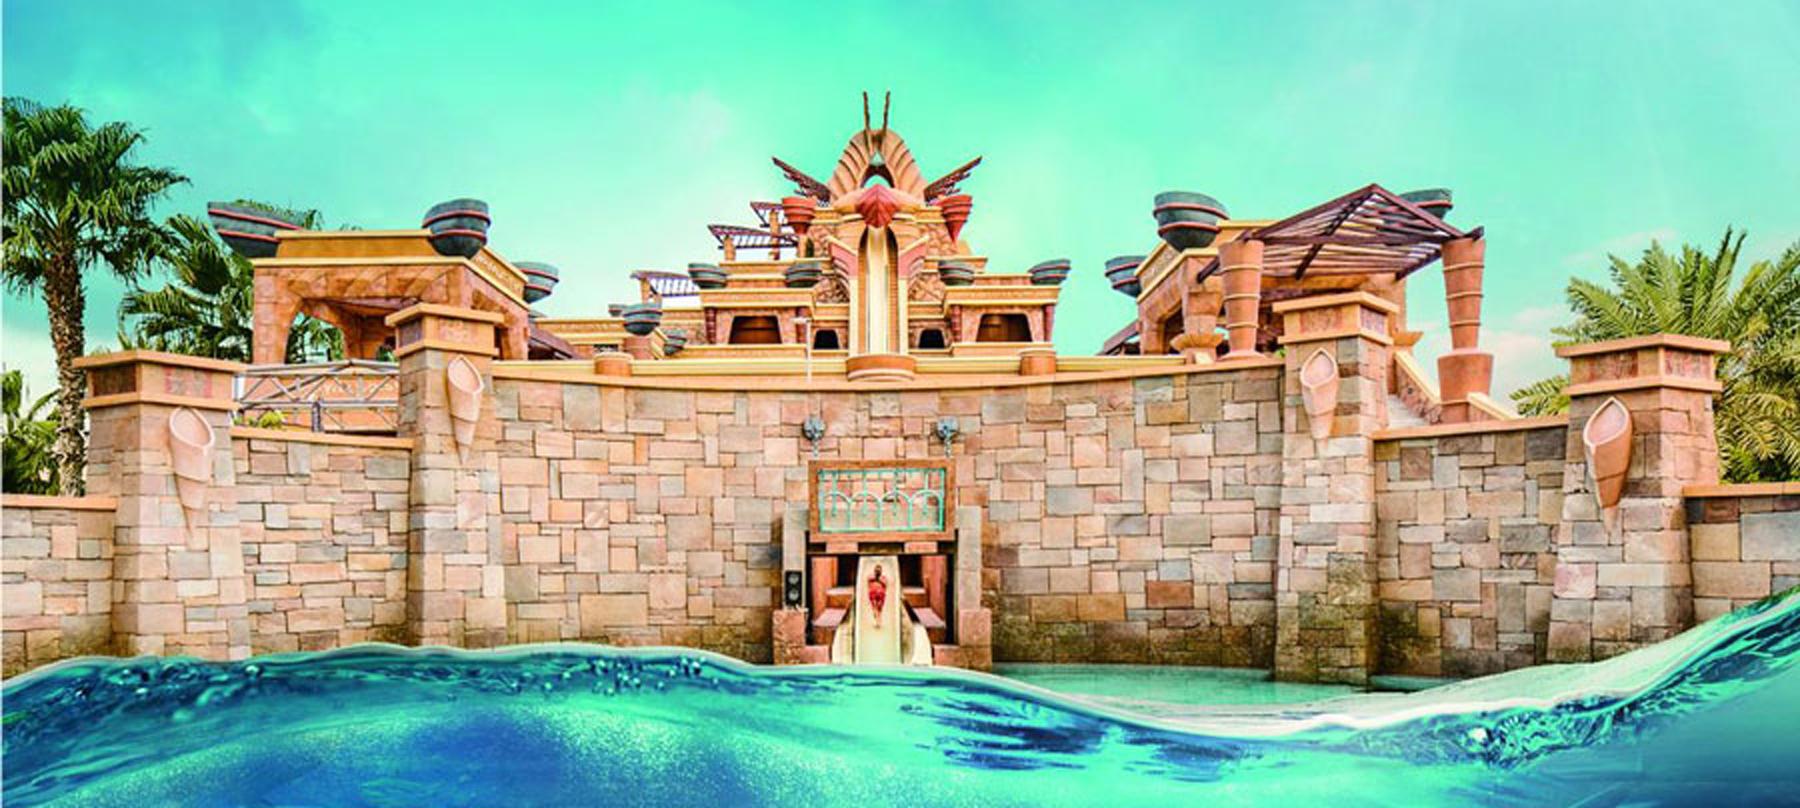 三亚亚特兰蒂斯酒店 <br/> Atlantis Sanya